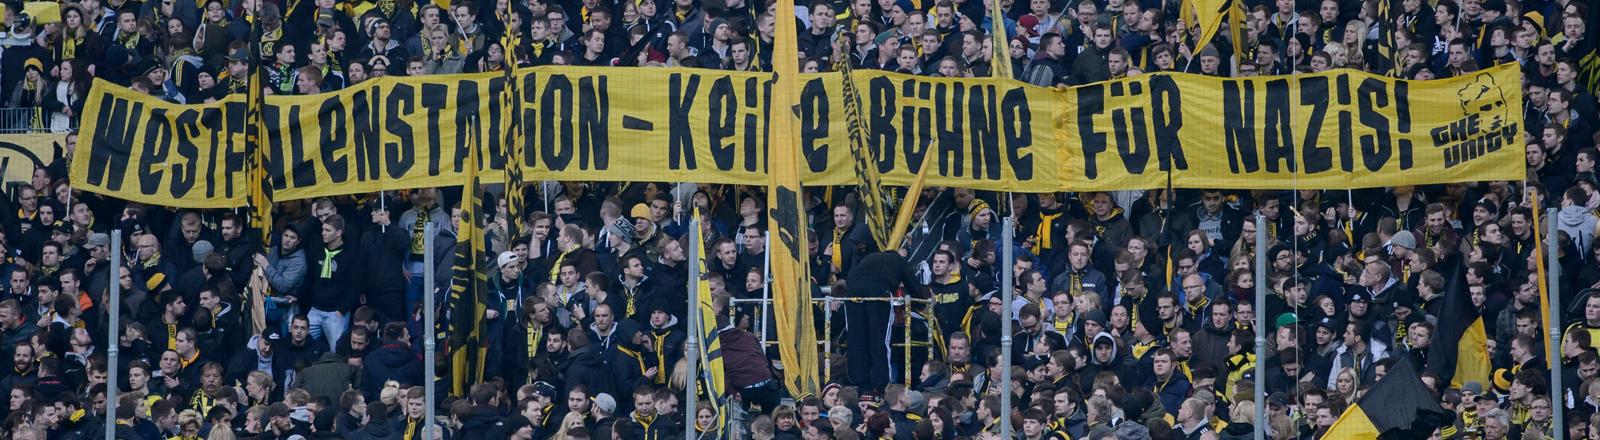 Fans im Dortmunder Westfalenstadion mit einem Spruch gegen Rechte.